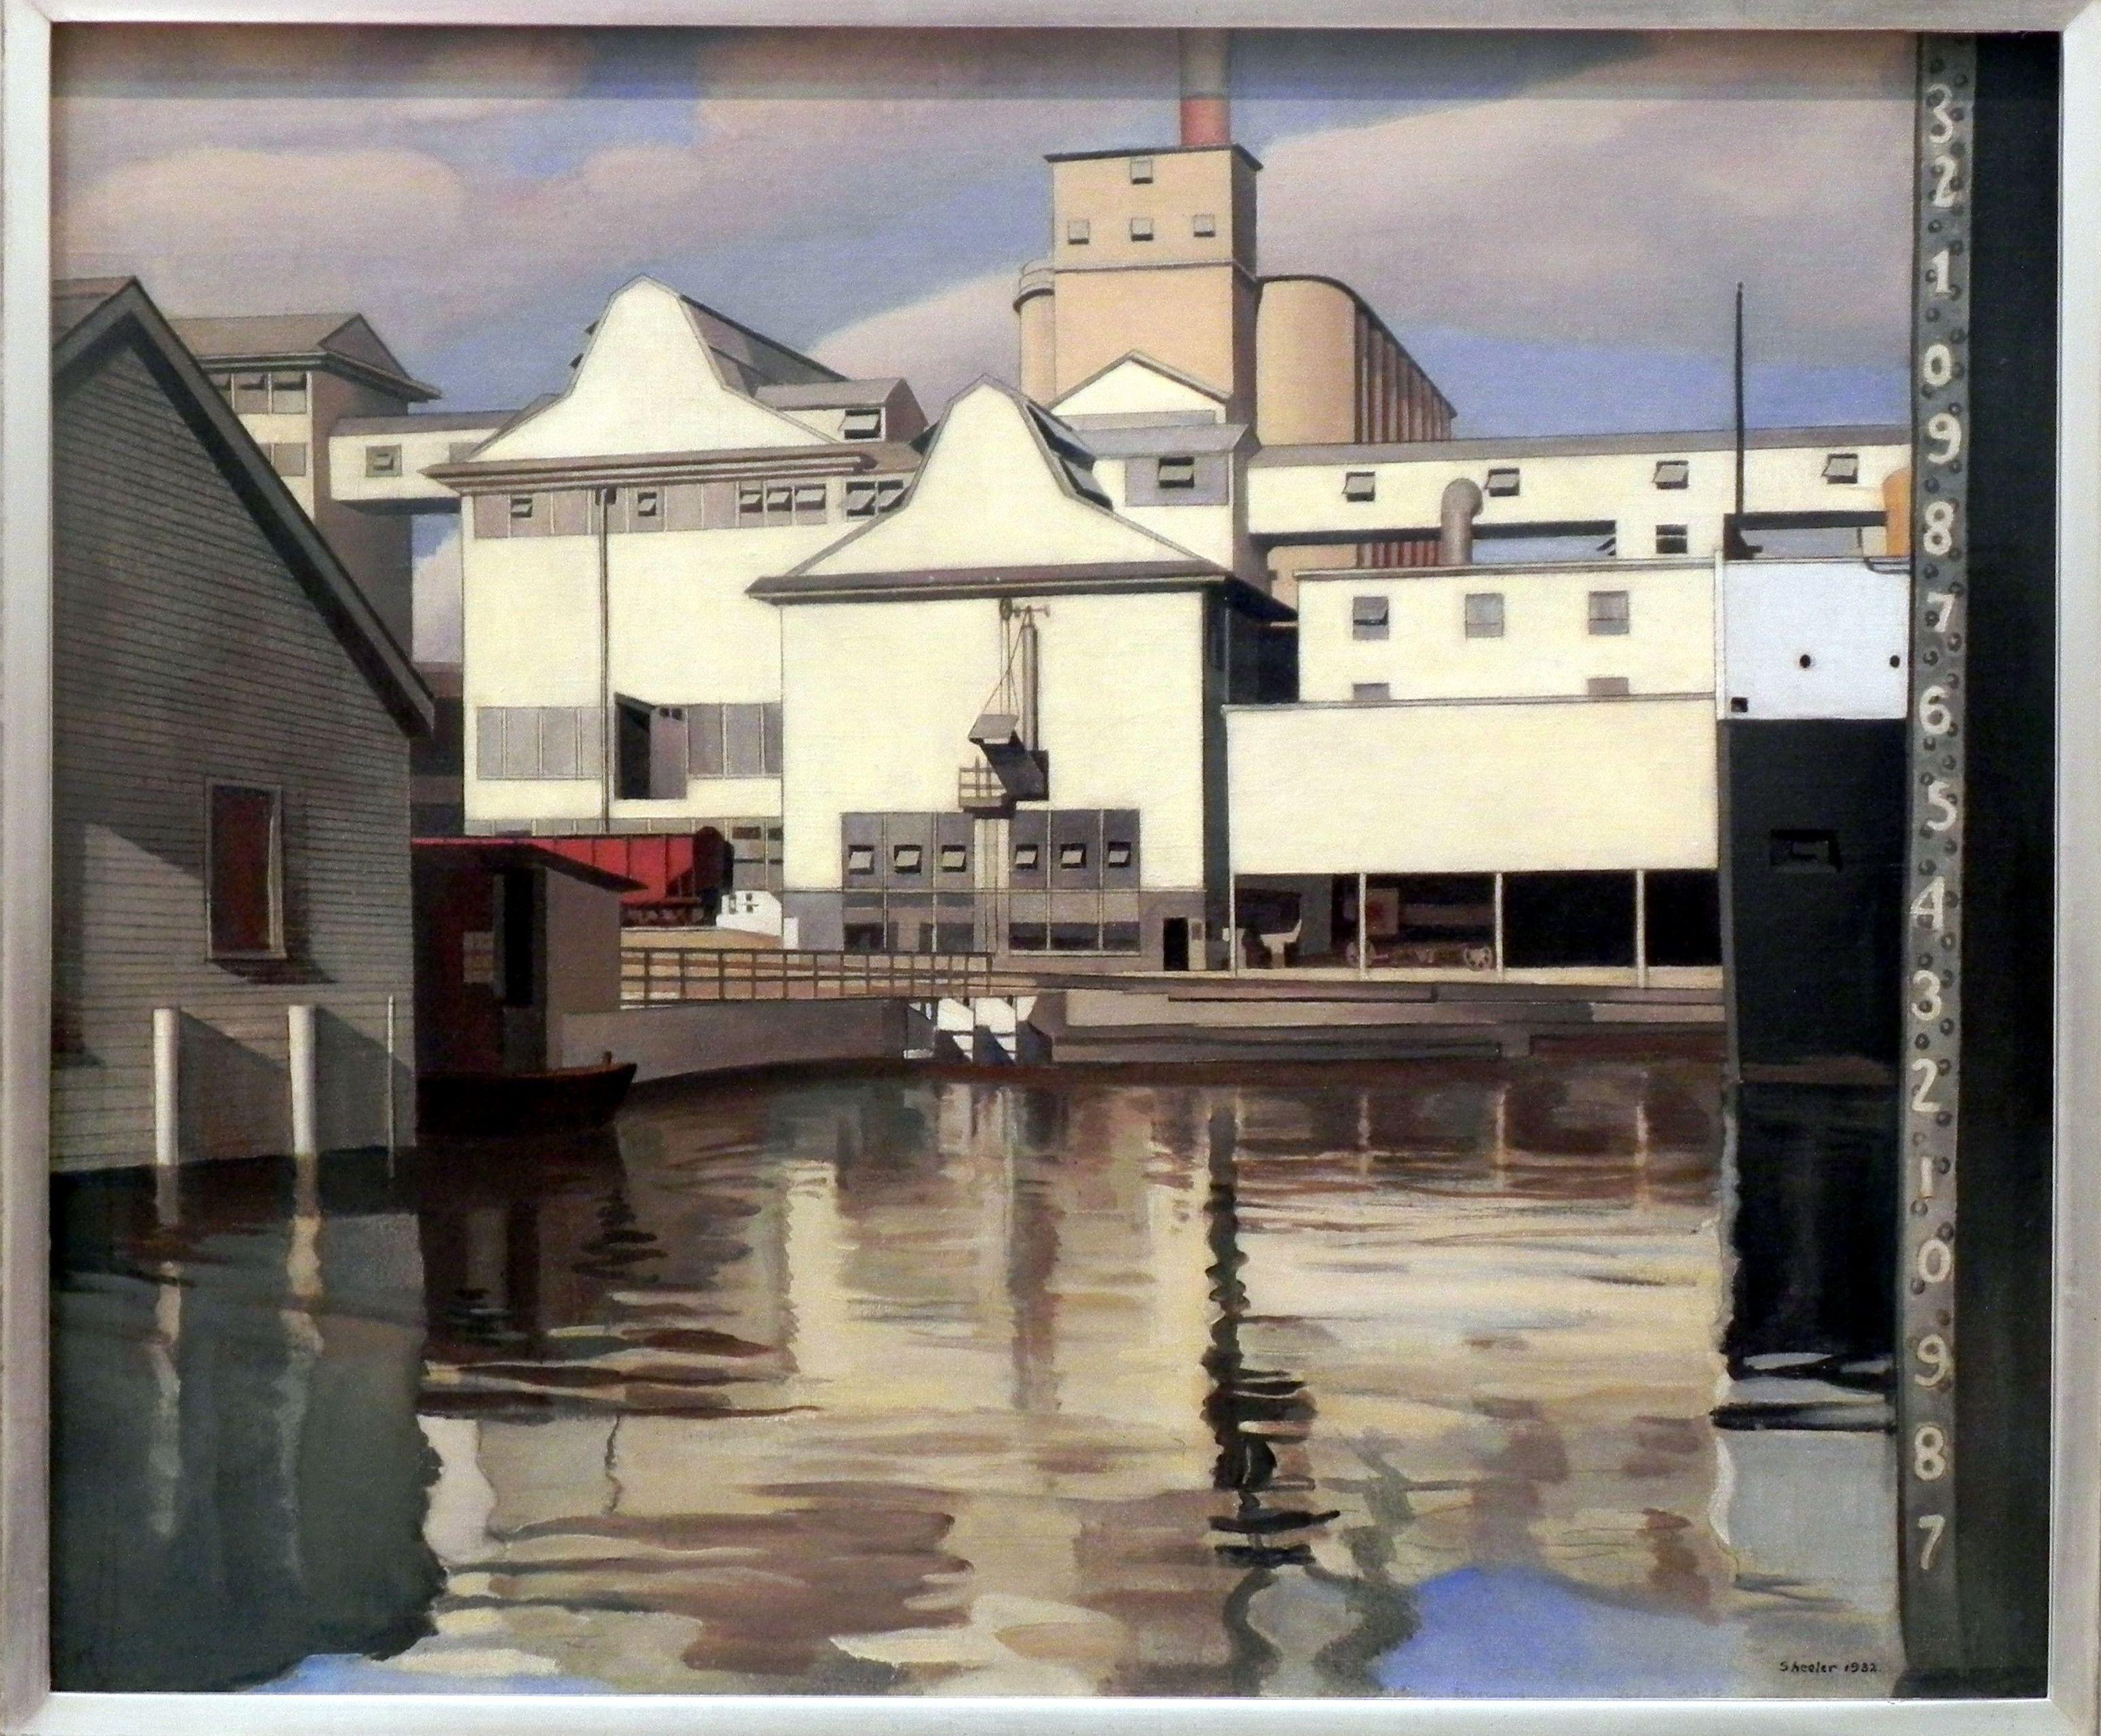 Charles Sheeler. River Rouge Plant. 1932. Based